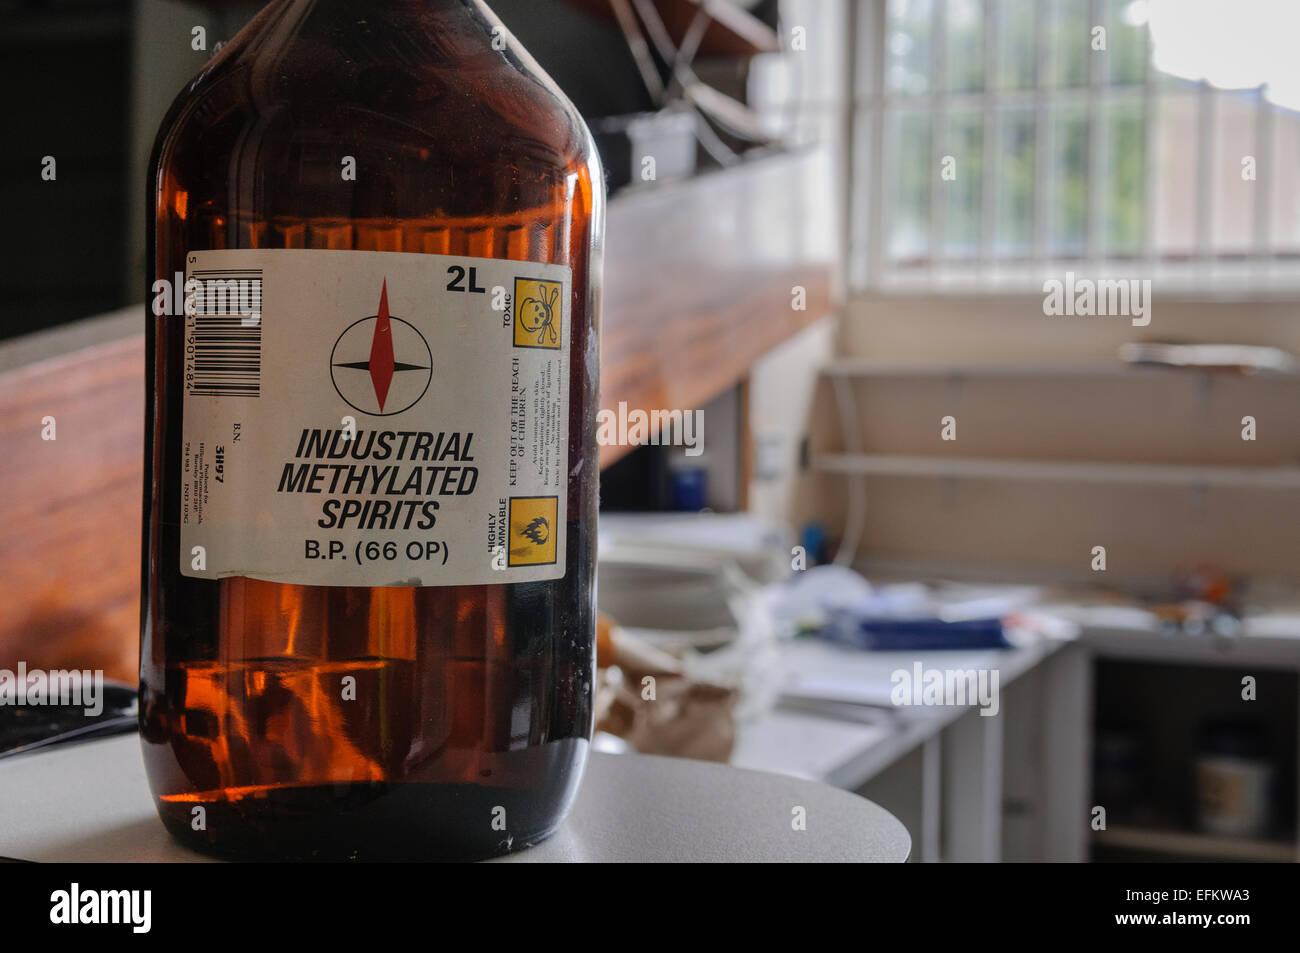 Denatured Alcohol Stock Photos & Denatured Alcohol Stock